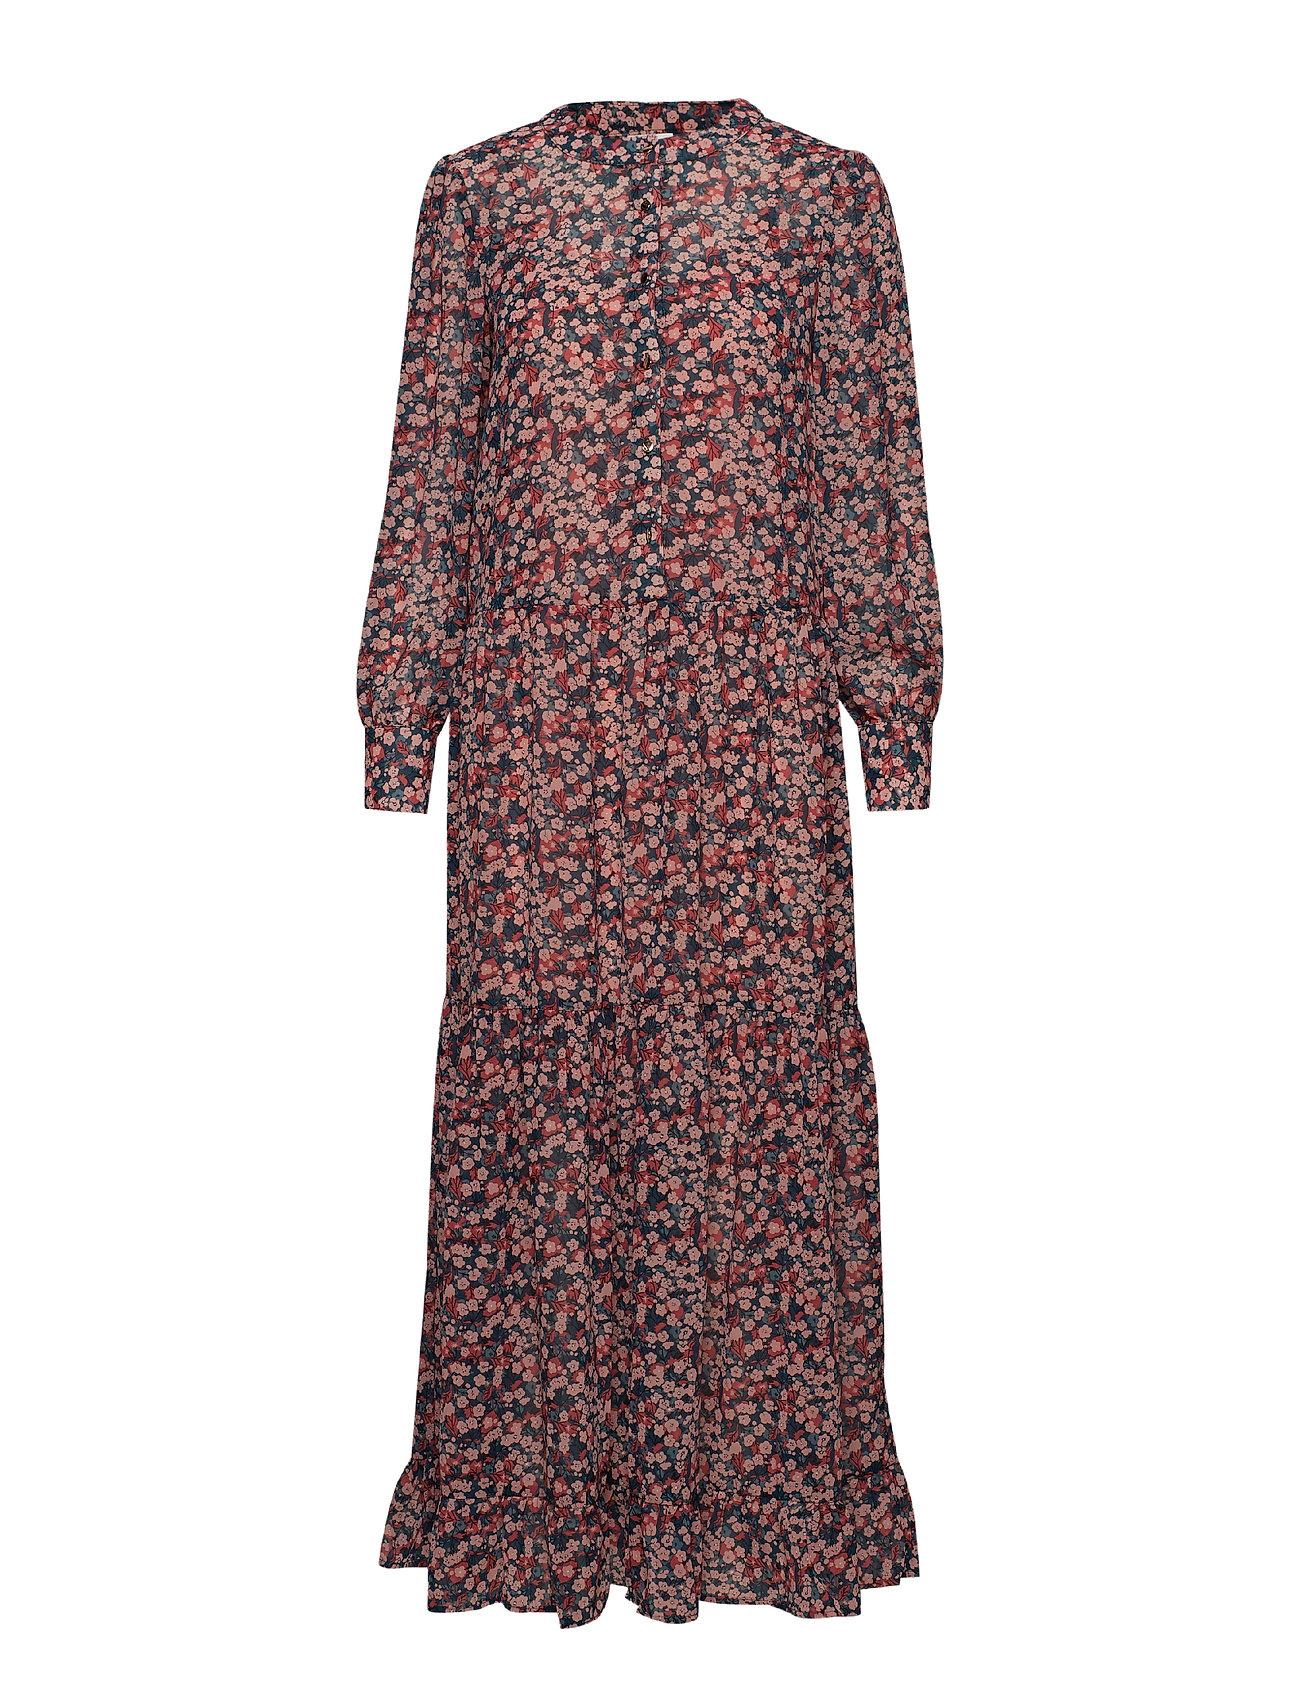 20849035a432 Viflova L s Ankel Dress  rx (Brandied Apricot) (399 kr) - Vila ...